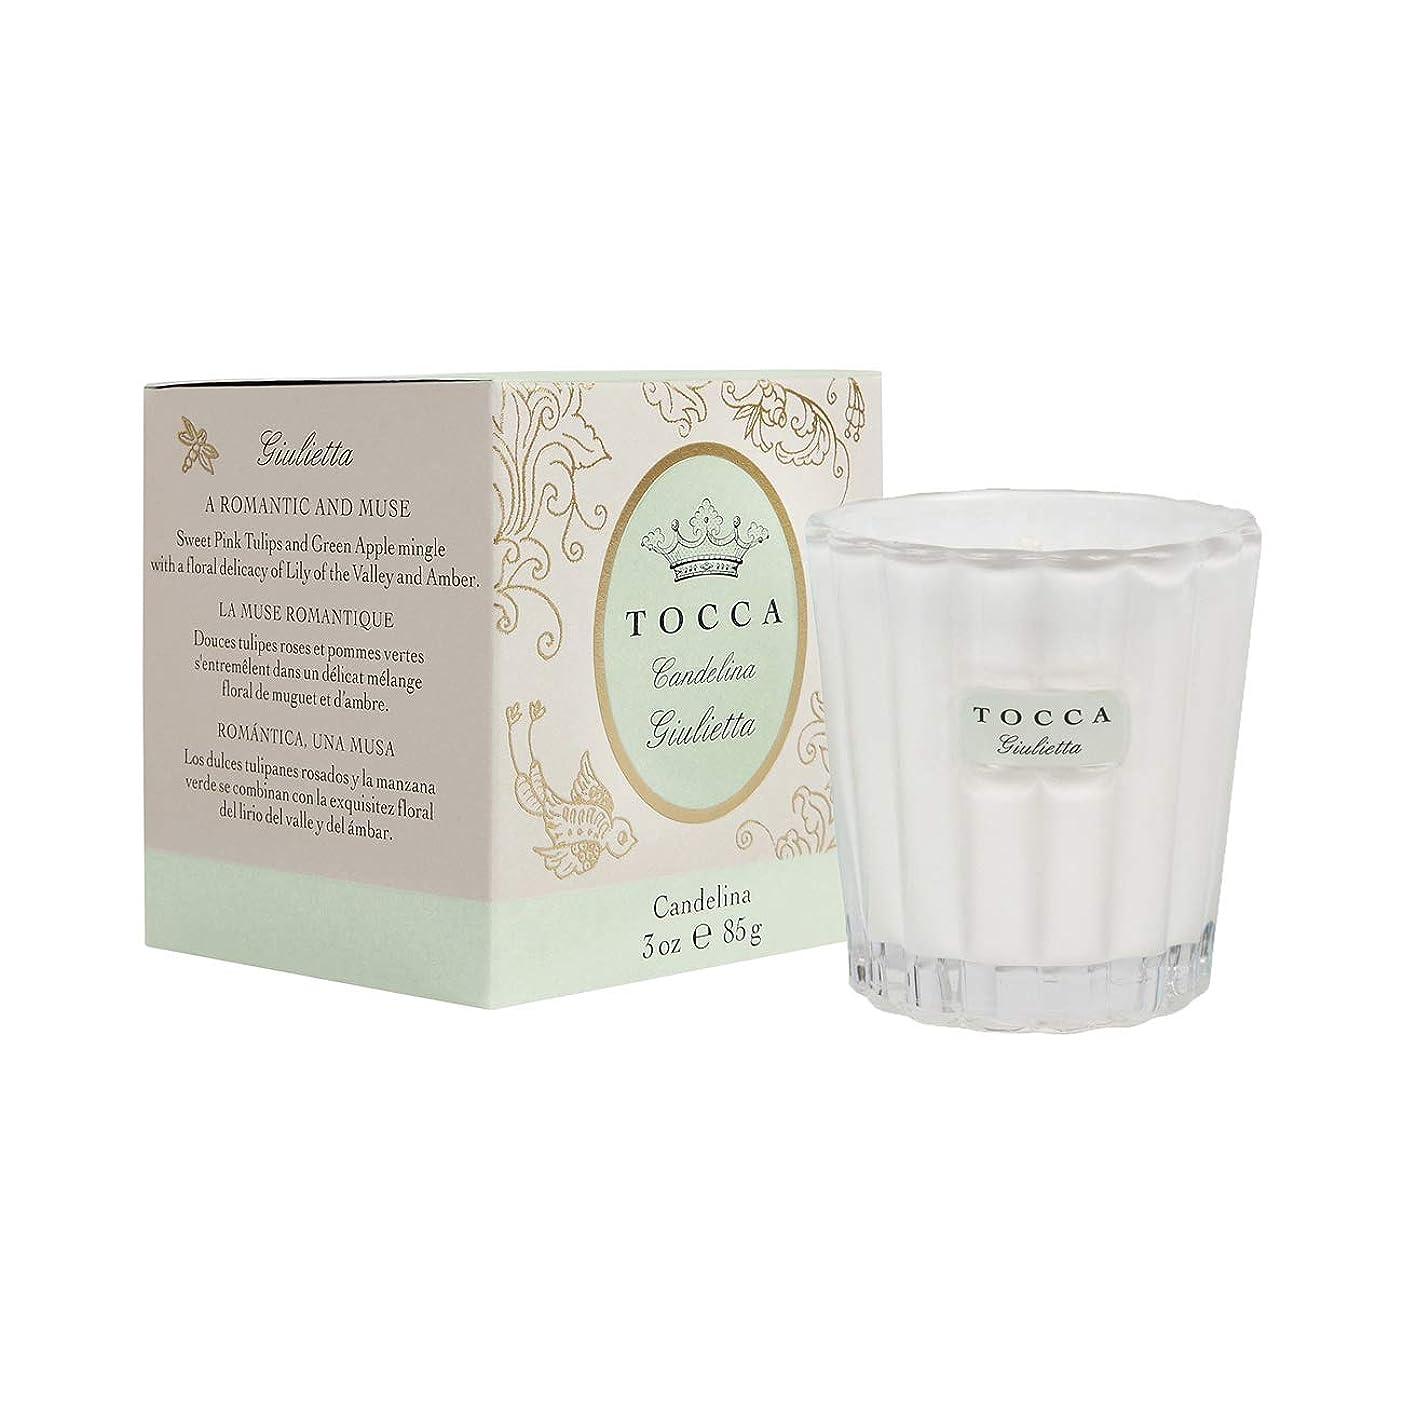 首尾一貫した木曜日豊富なトッカ(TOCCA) キャンデリーナ ジュリエッタの香り 約85g (キャンドル ろうそく 爽やかで甘い香り)